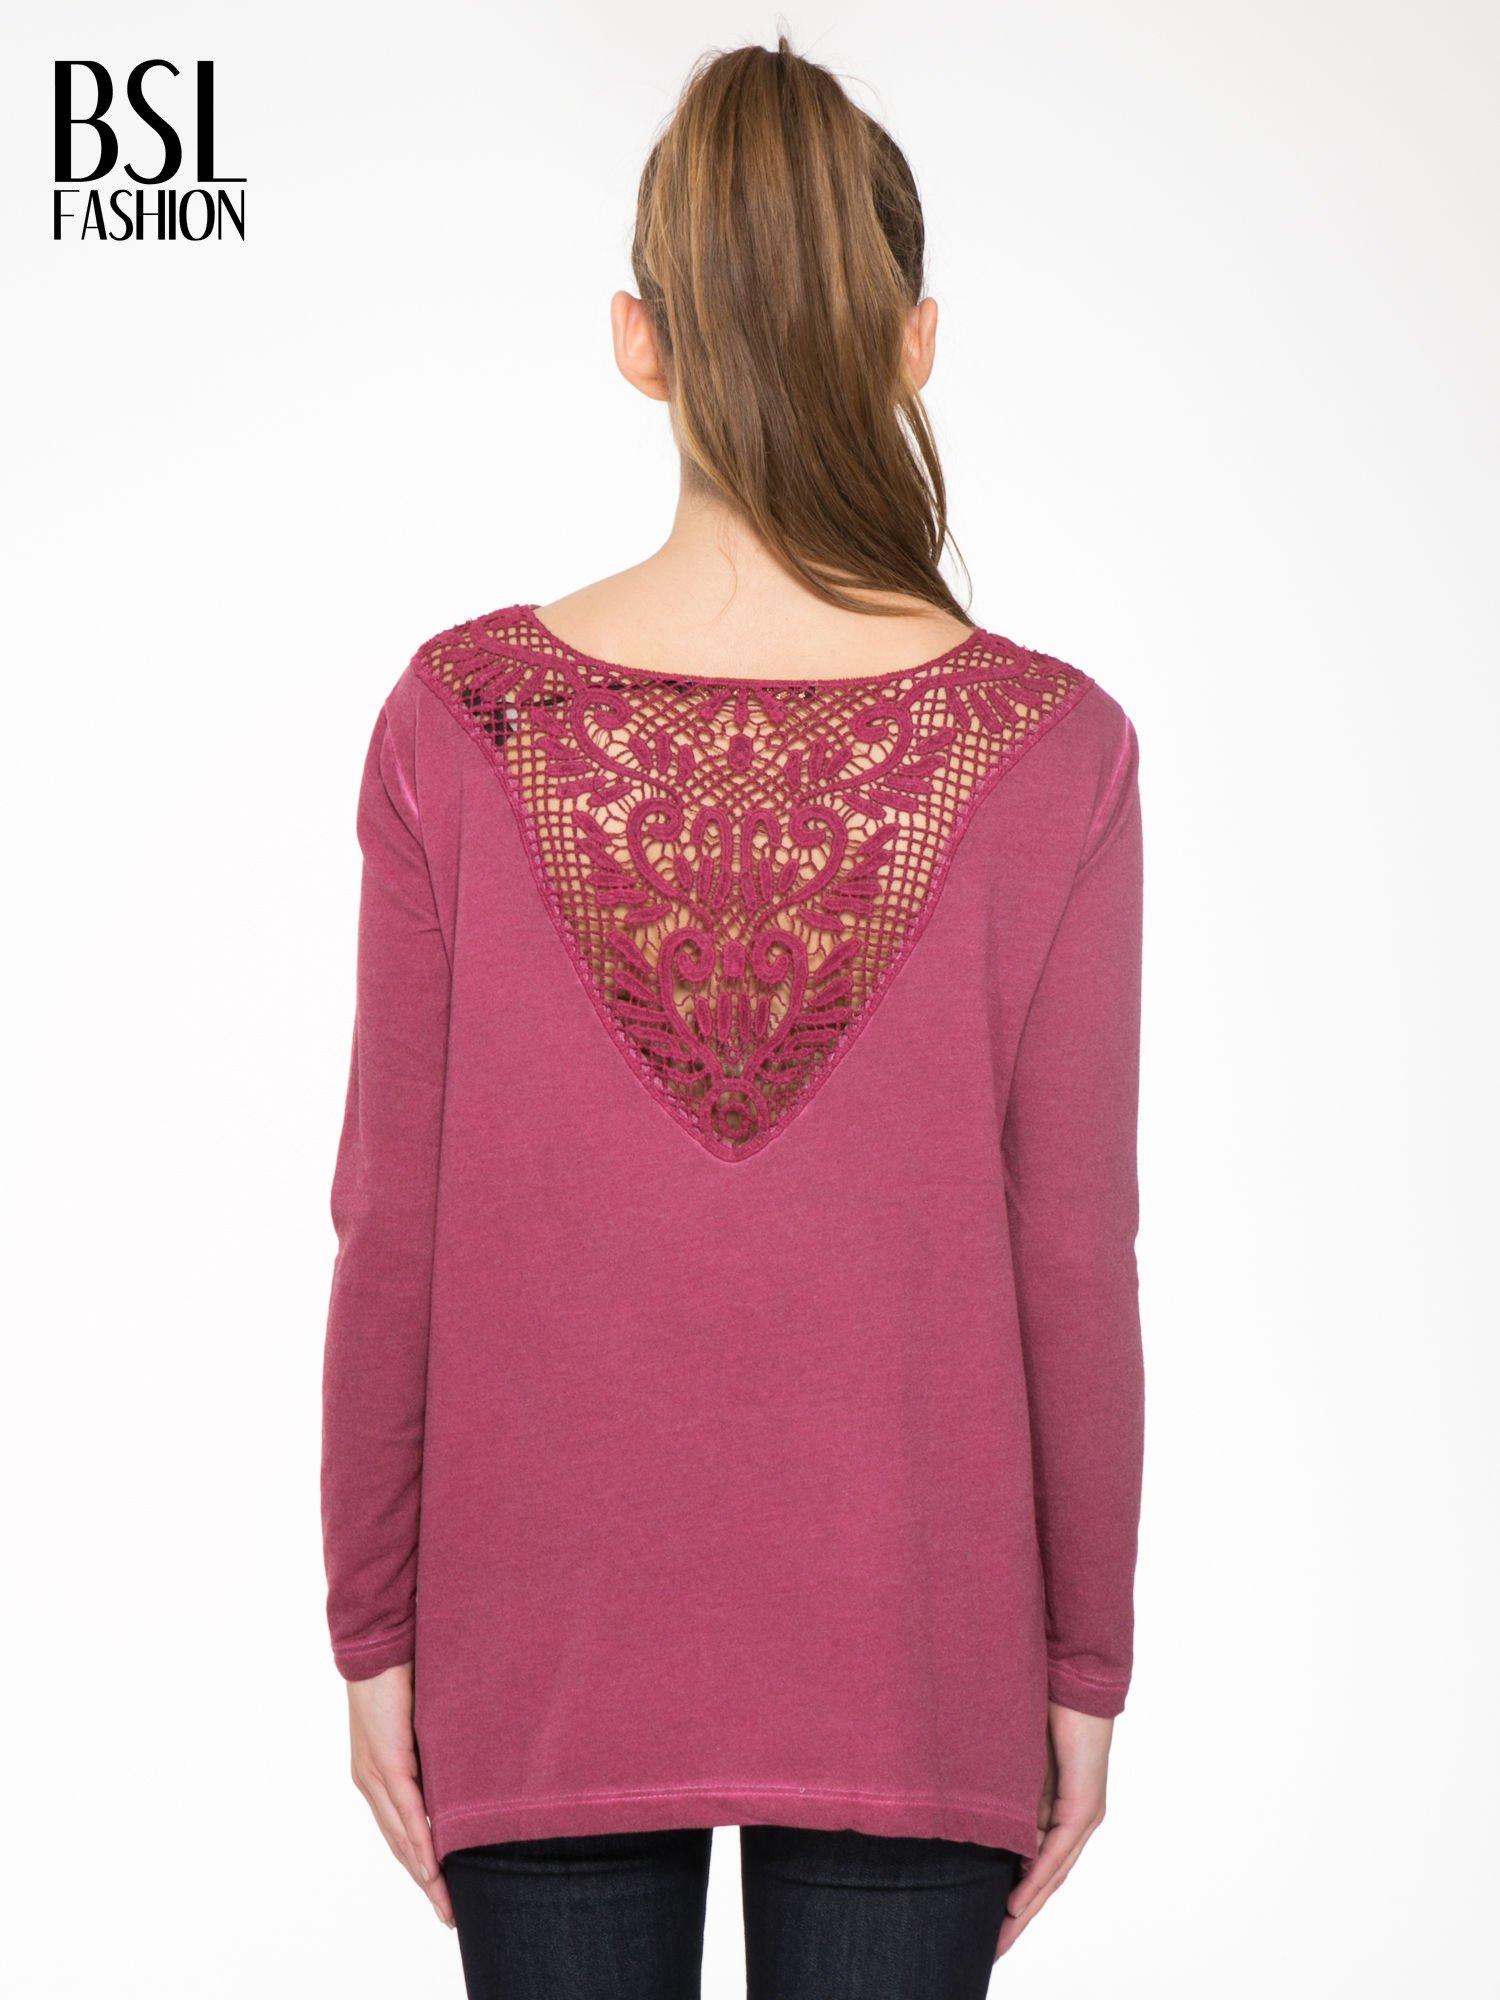 Bordowa bluza z koronkową wstawką na plecach                                  zdj.                                  4